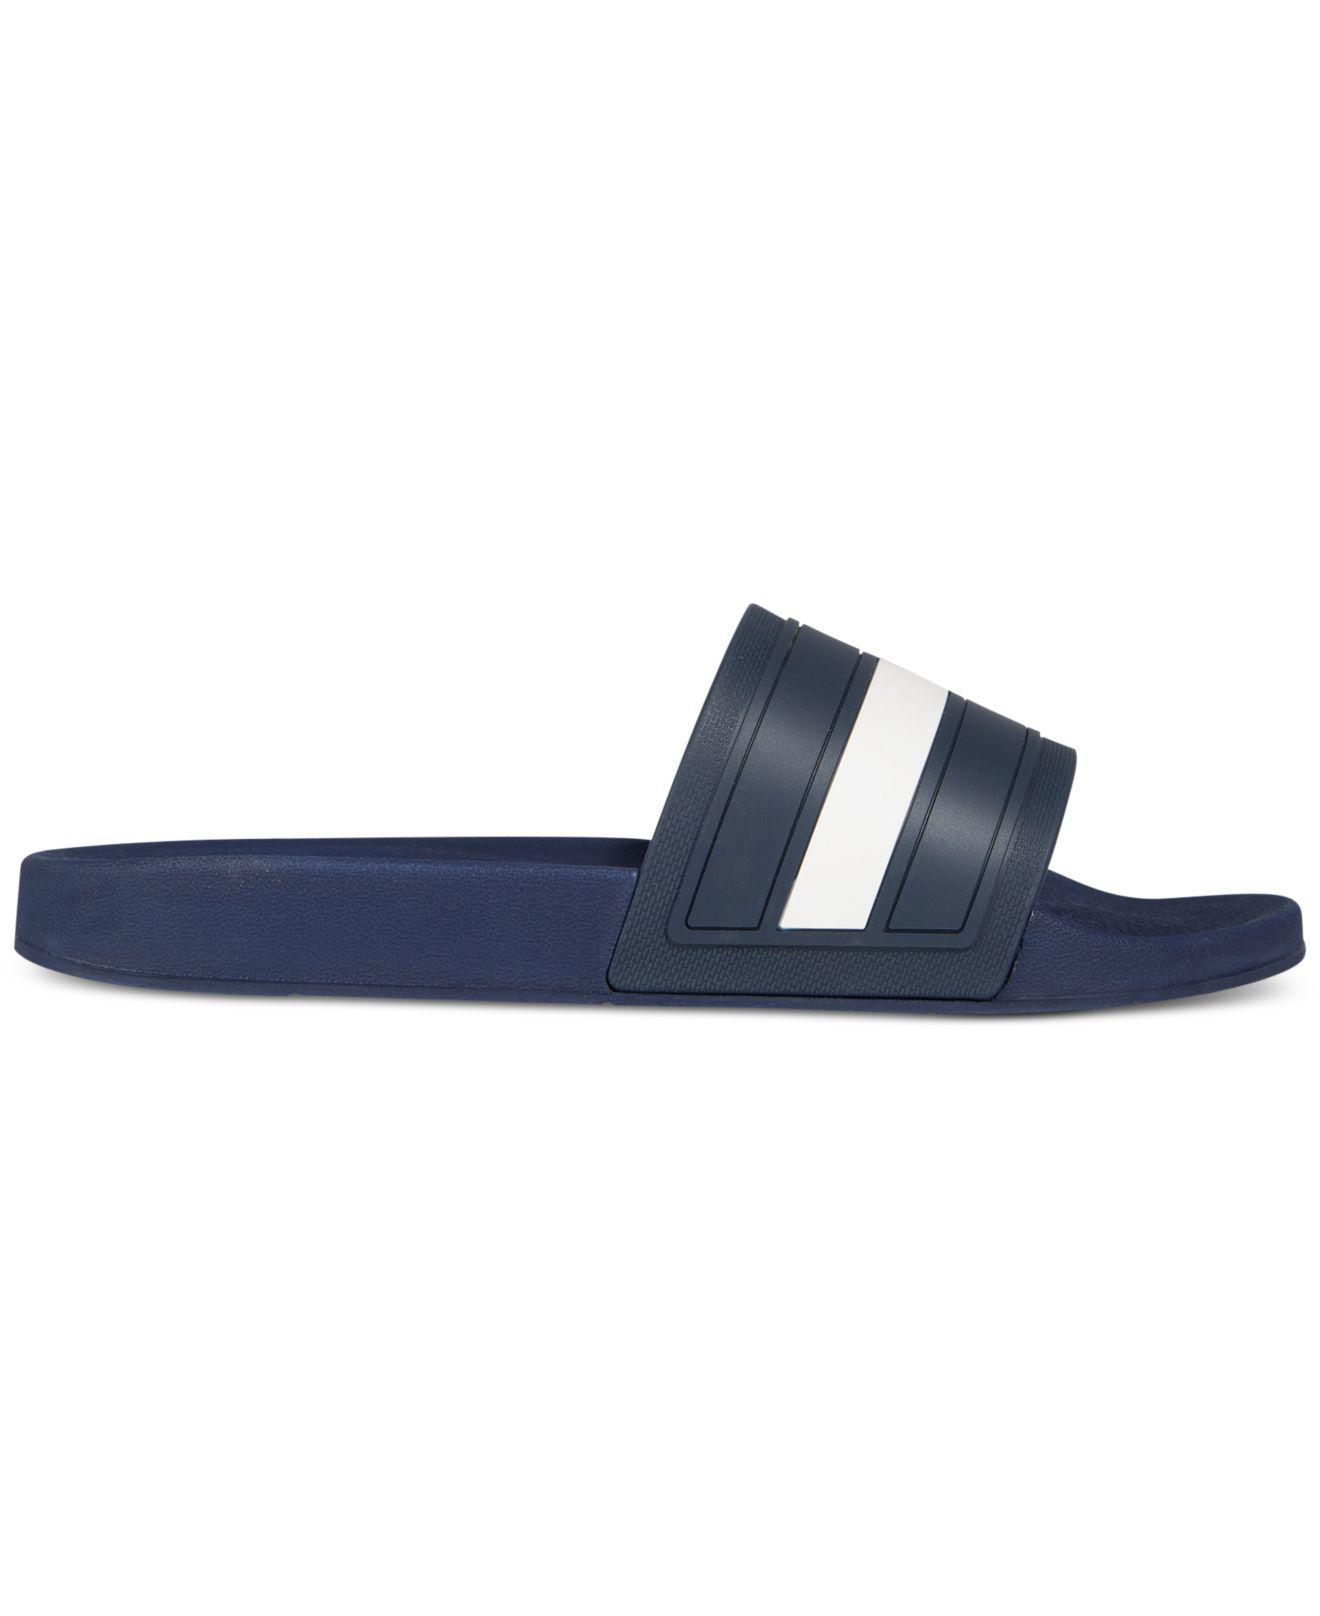 4a41d50c94a Lyst - Tommy Hilfiger Men s Elwood Slide Sandals in Blue for Men